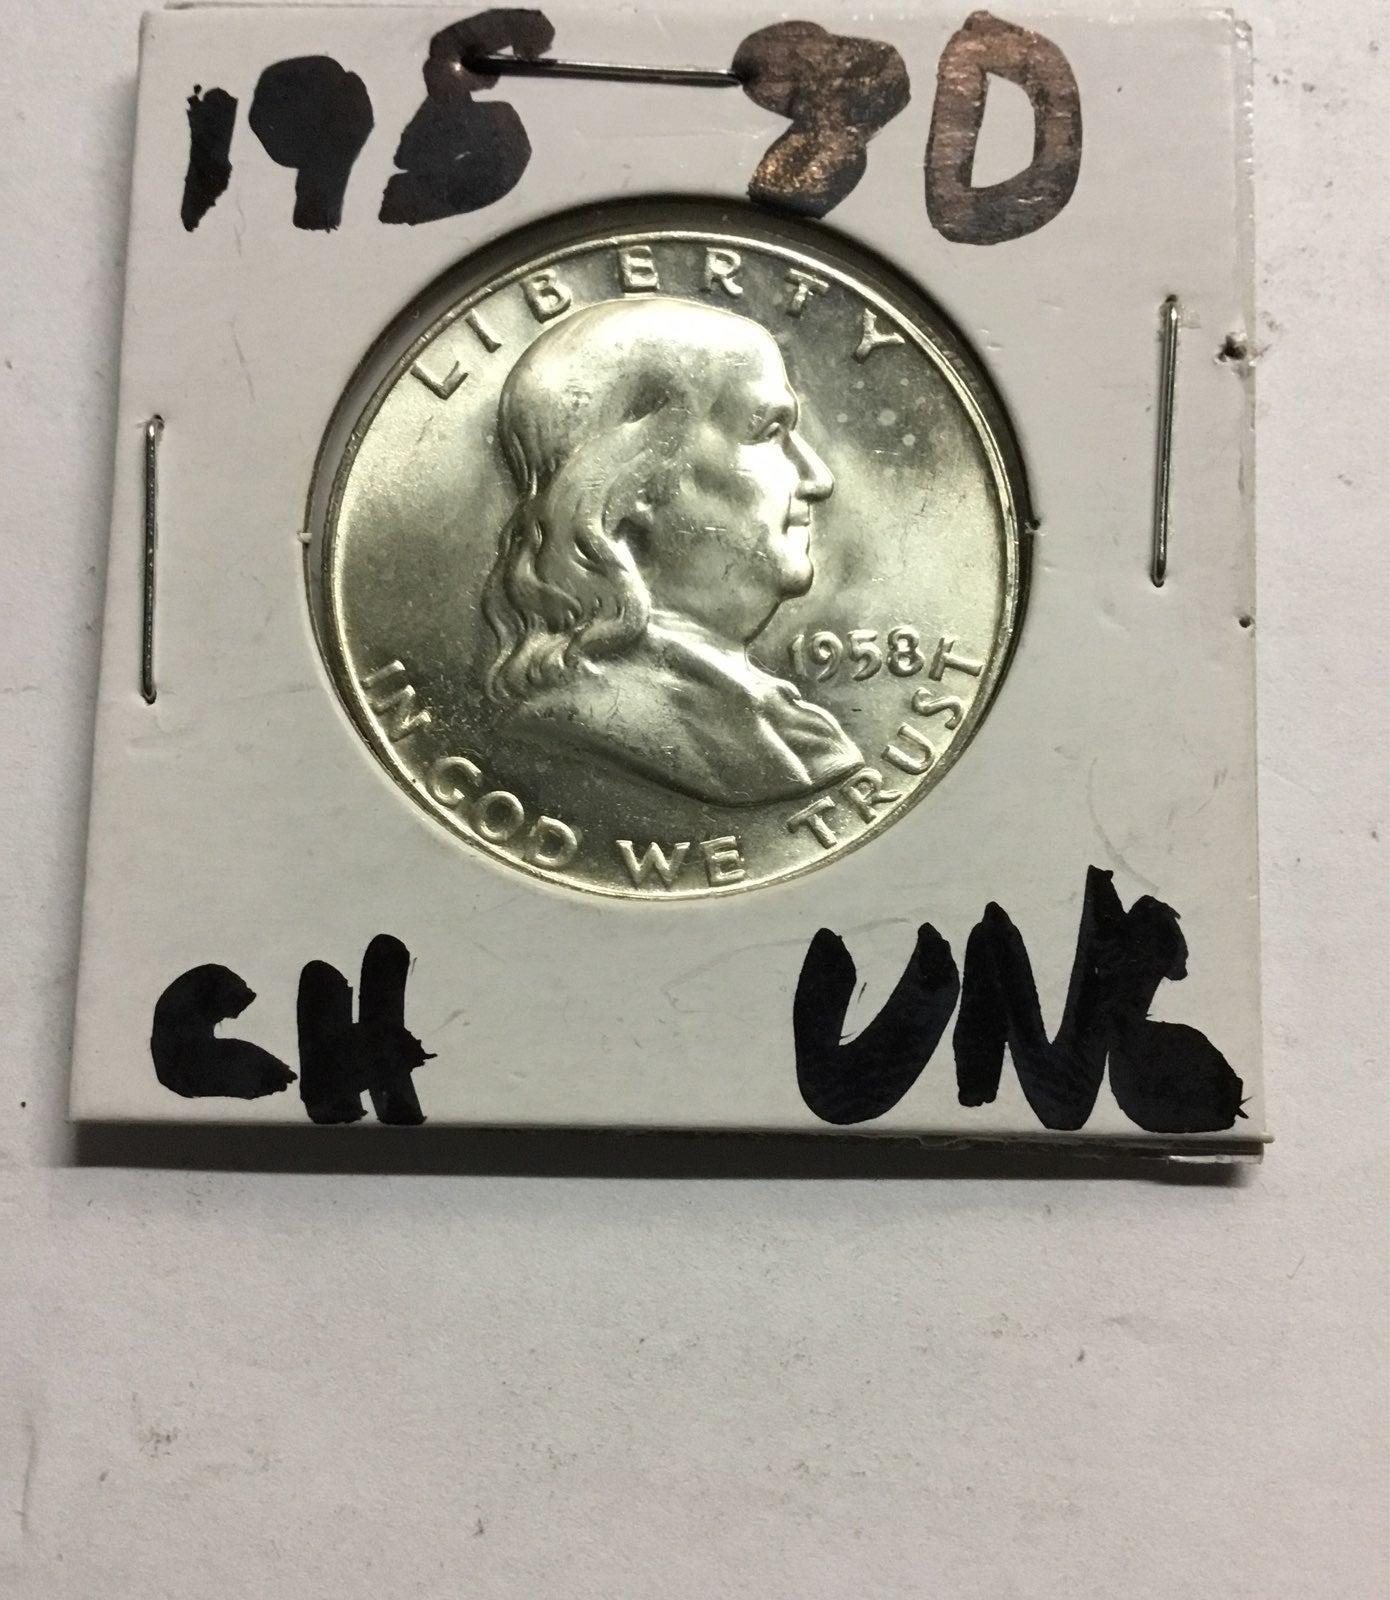 1957D choice half 90% silver